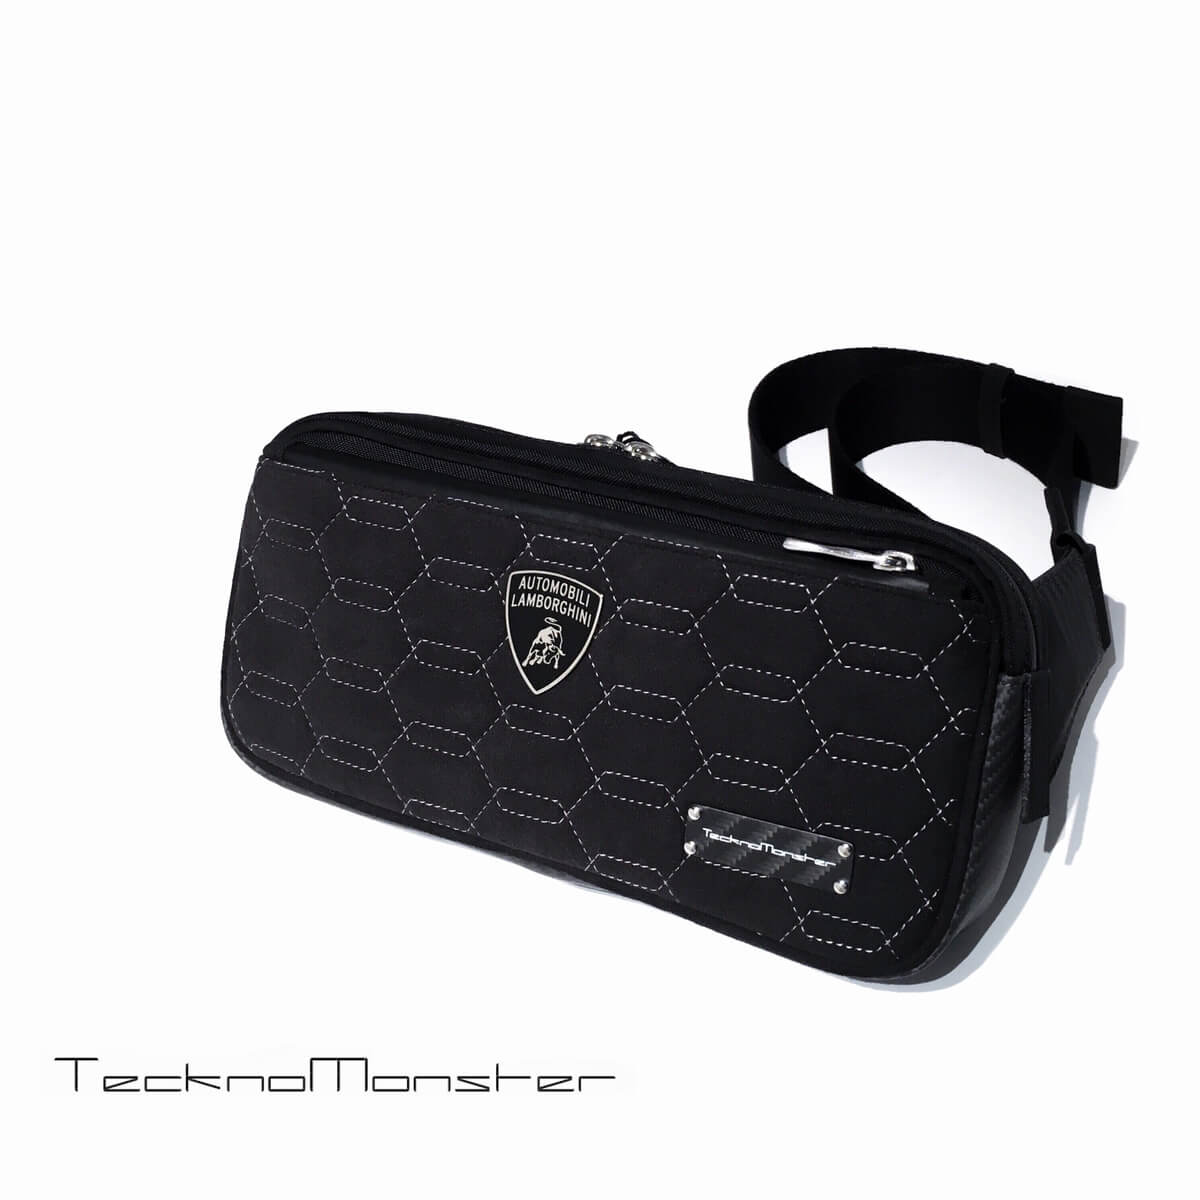 Teckno Monster (テクノモンスター)ボディバッグ ランボルギーニ Lamborghini コラボモデル ブランド ブランド メンズ レディース ソフトカーボンファイバー アルカンターラ イタリア製